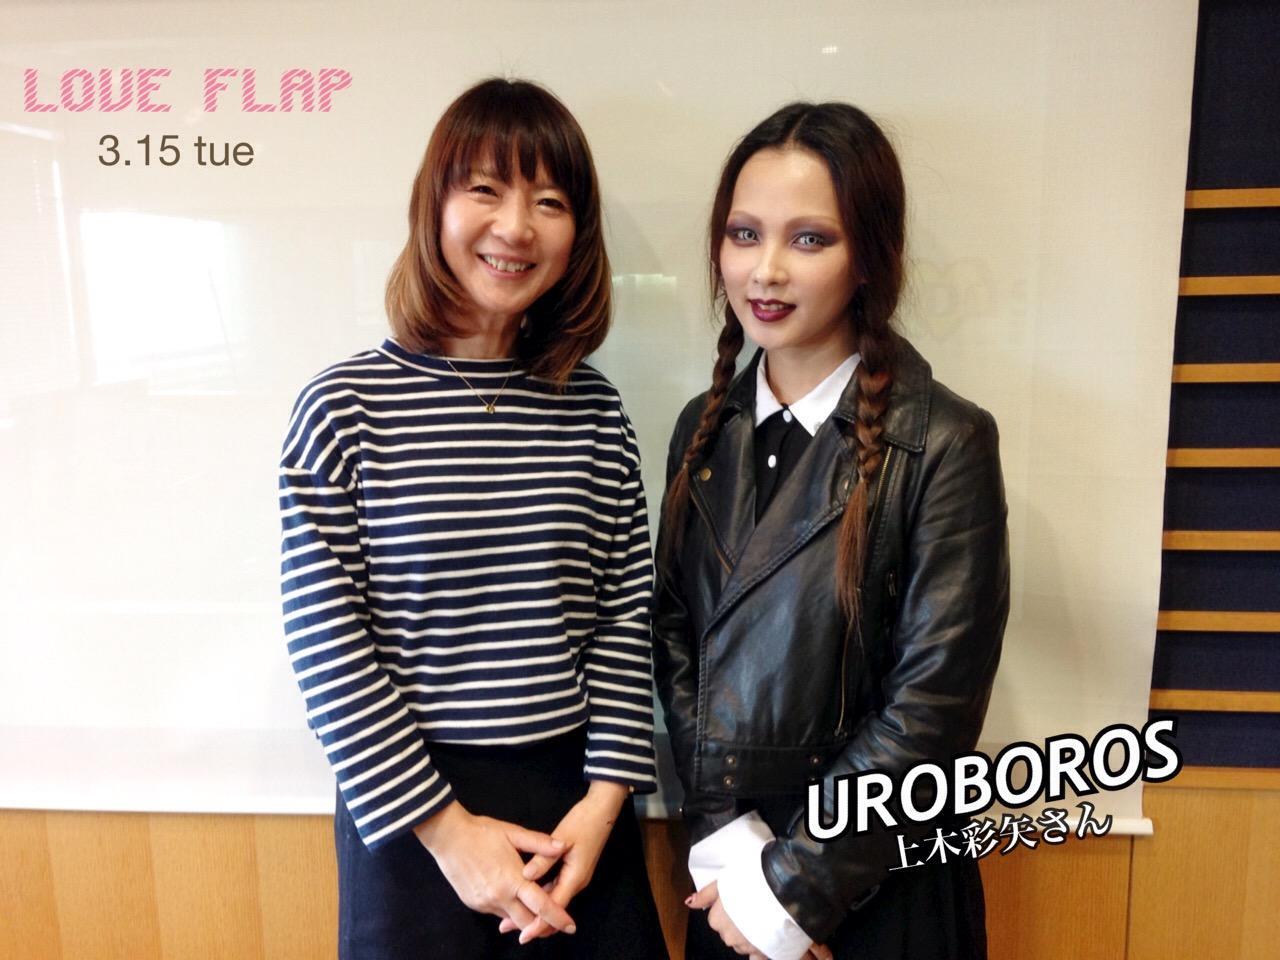 3/15(火) 今日のゲスト「UROBOROS/上木彩矢」さん - FM OH! 85.1